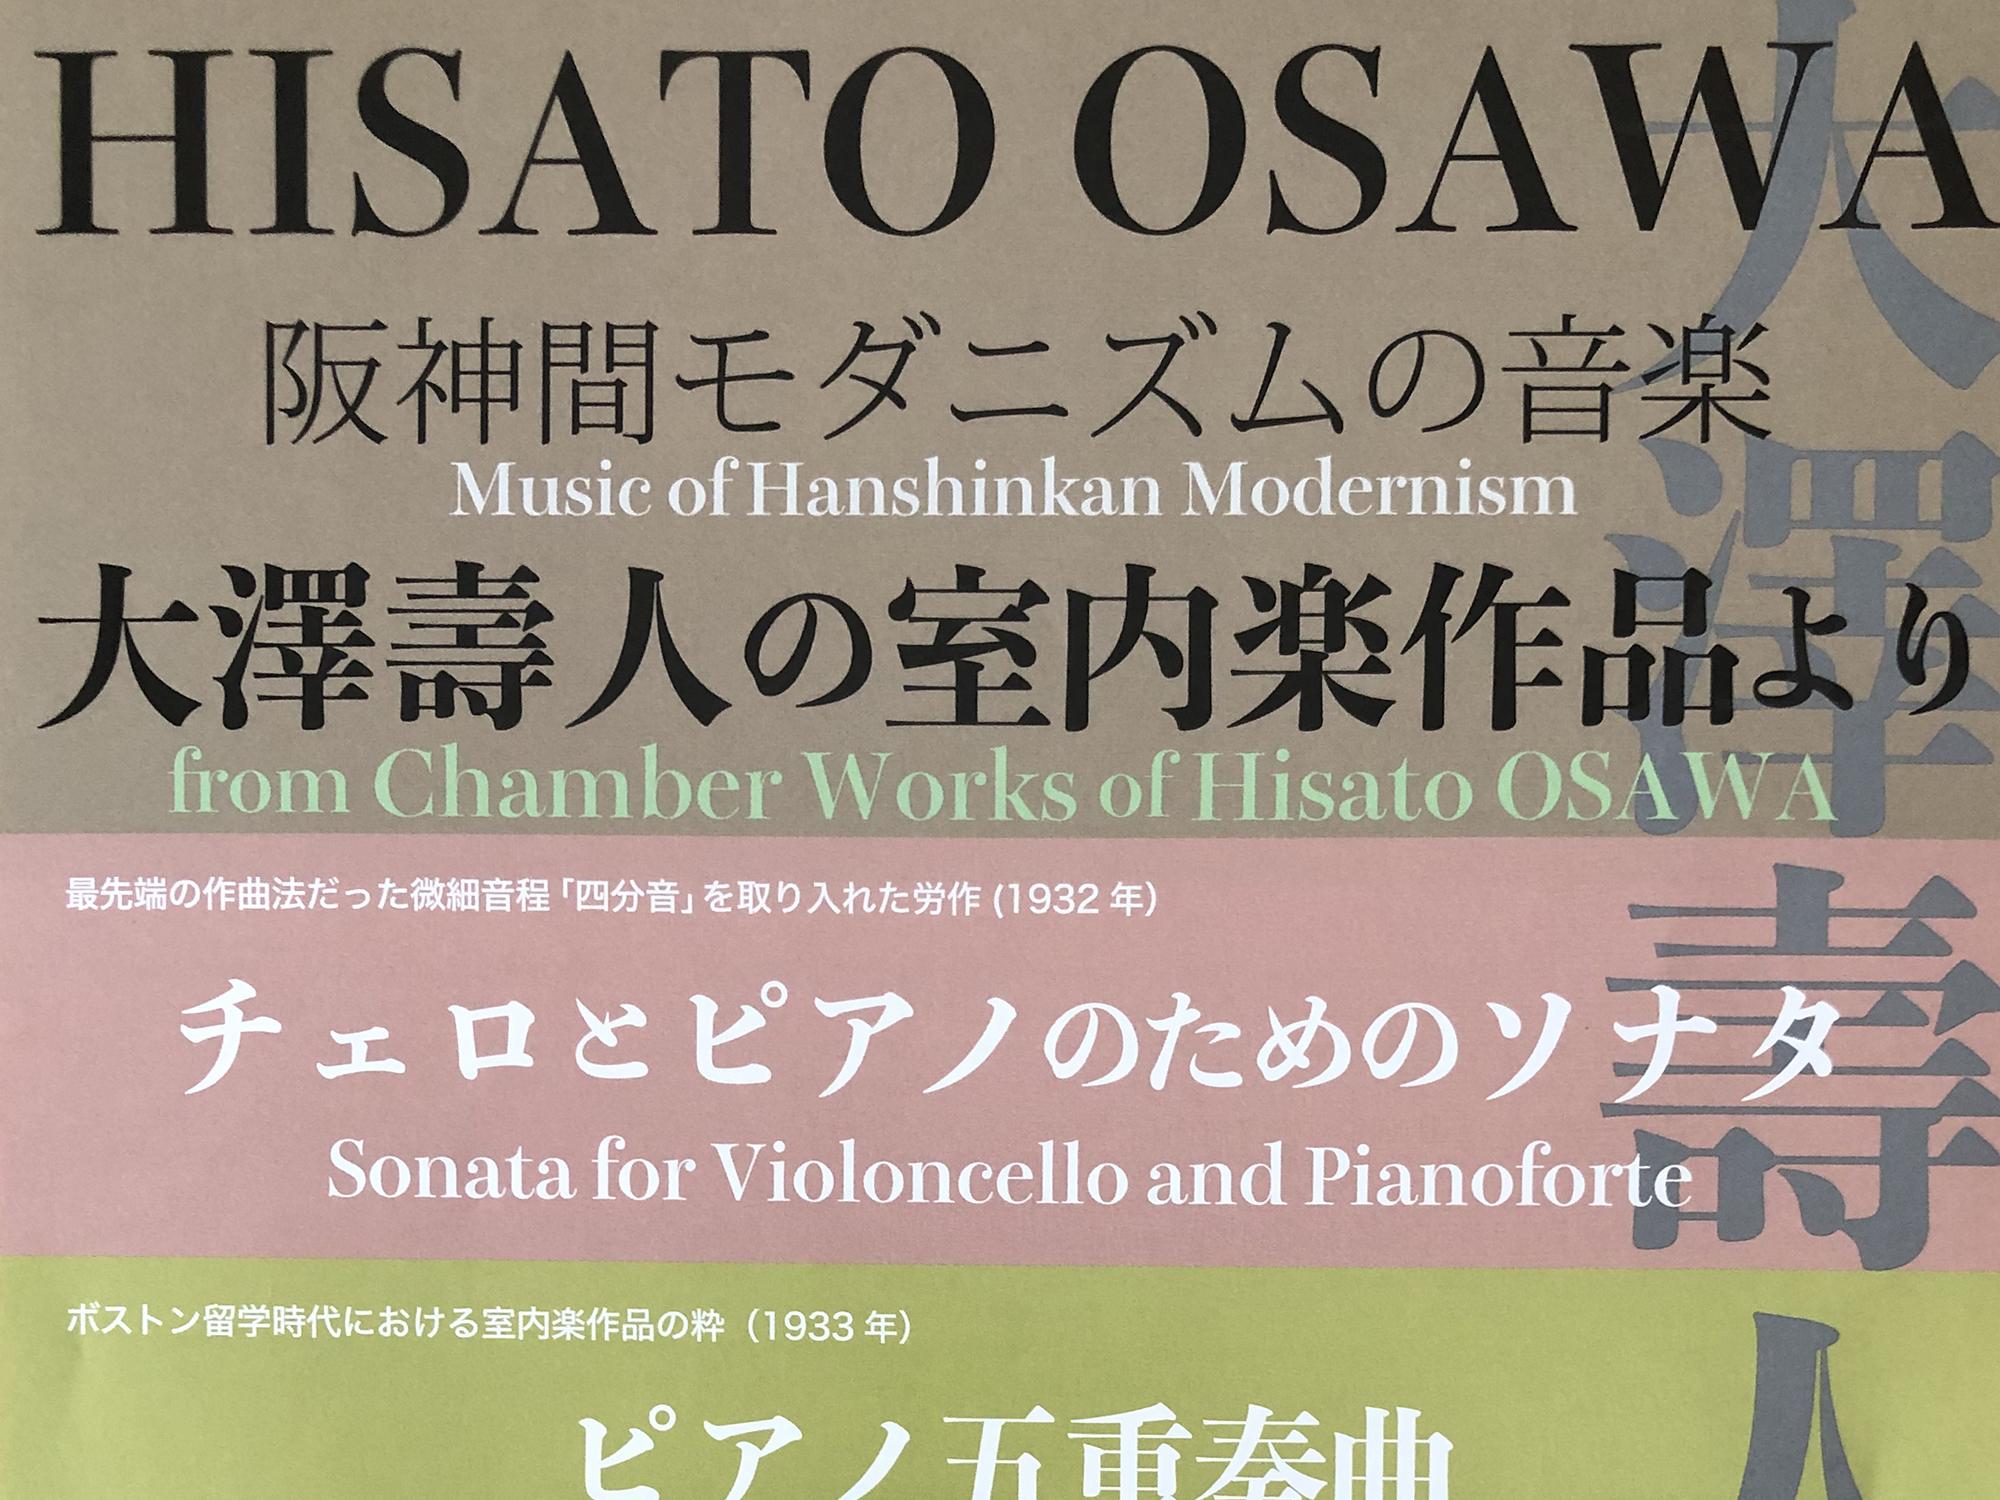 2022年1月8日 阪神間モダニズムの音楽 大澤壽人の室内楽作品より